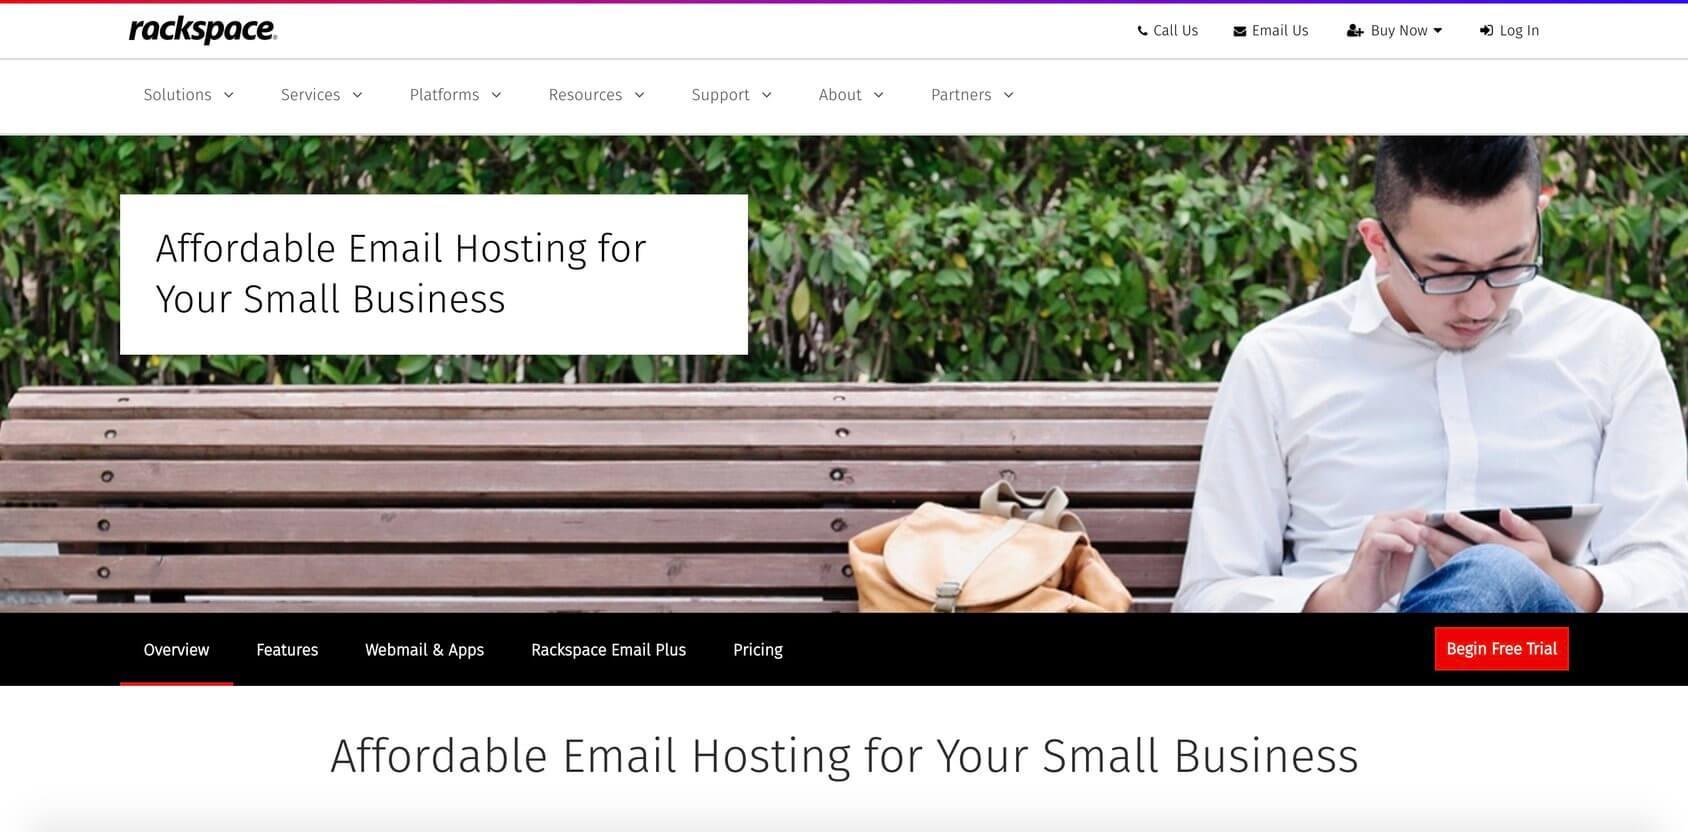 Rackspace Email homepage